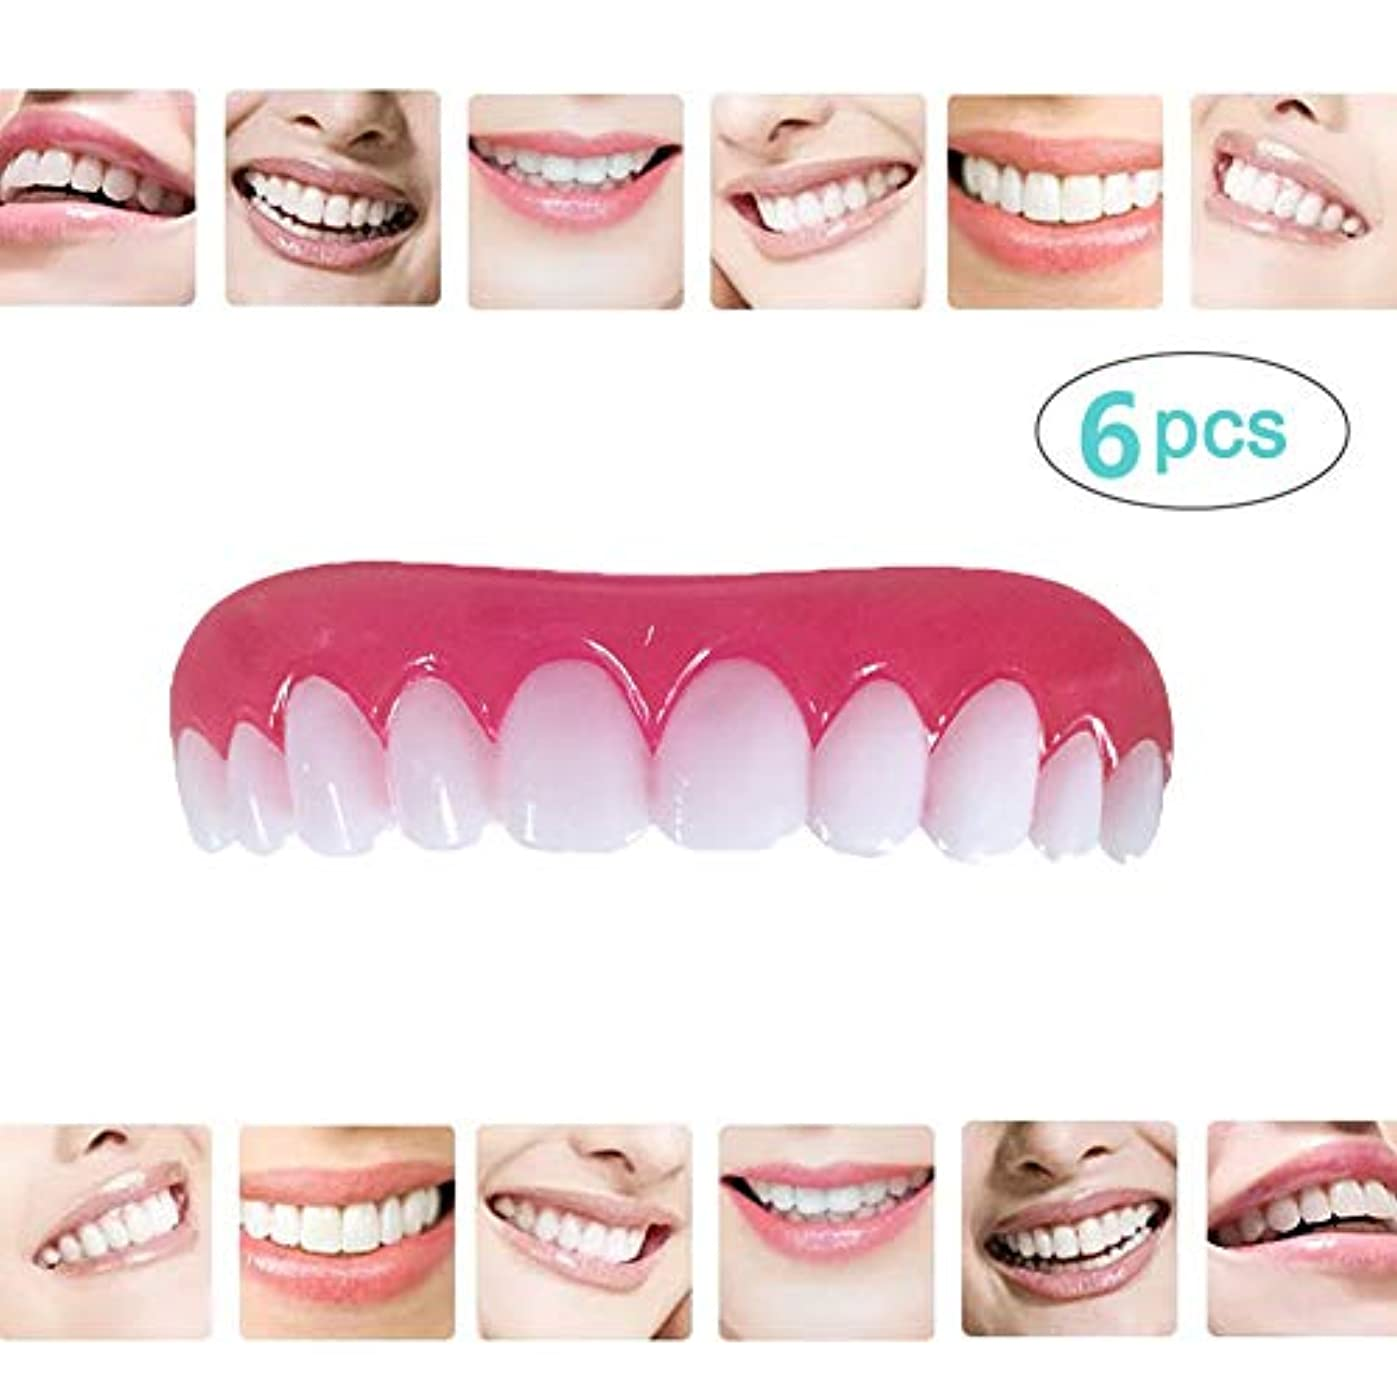 有限くびれたメガロポリス6枚の歯科用化粧板が歯の化粧化粧板の上部にぴったり合うサイズがすべての義歯の接着剤の歯に似ています偽の歯の笑顔